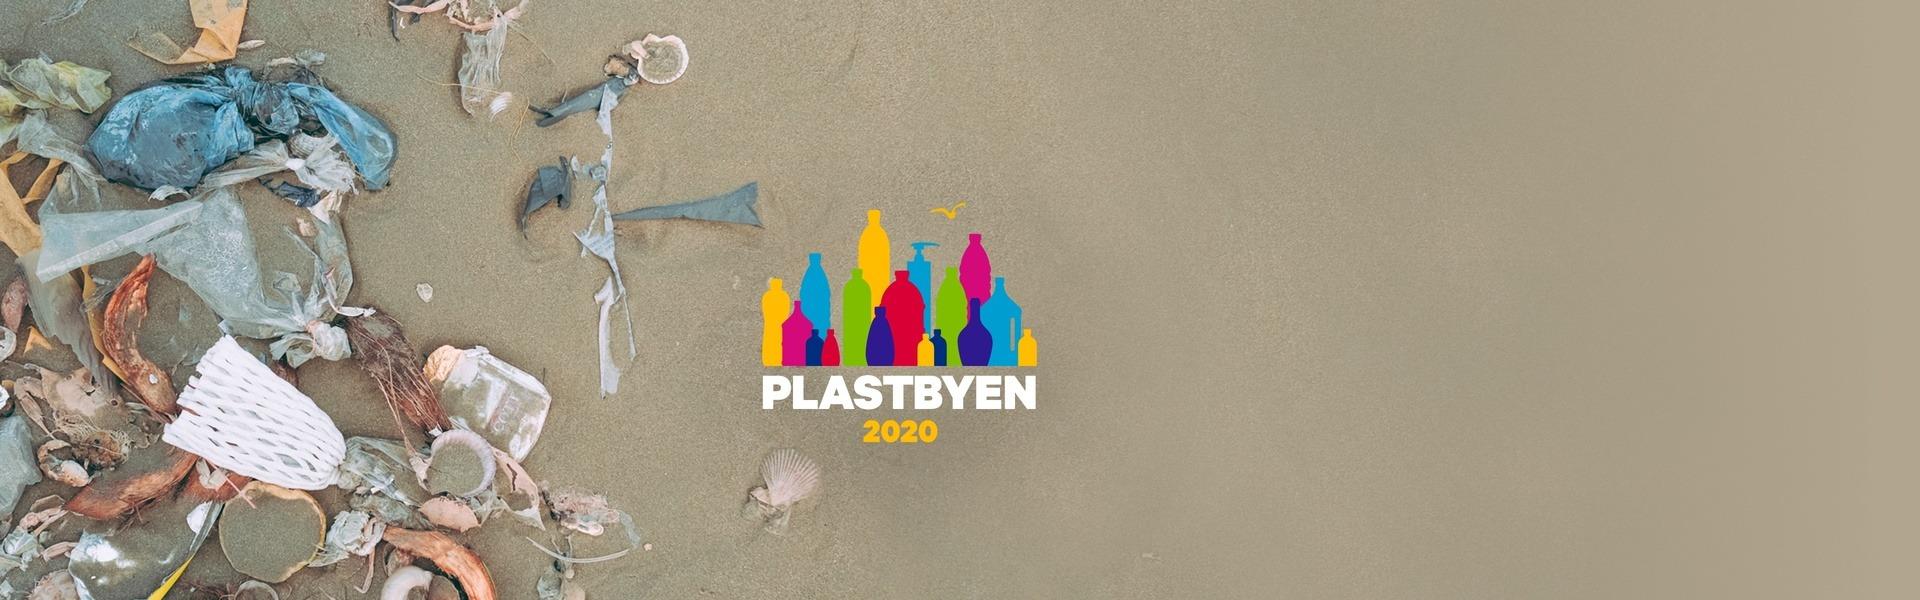 Plastbyen - byen under vann